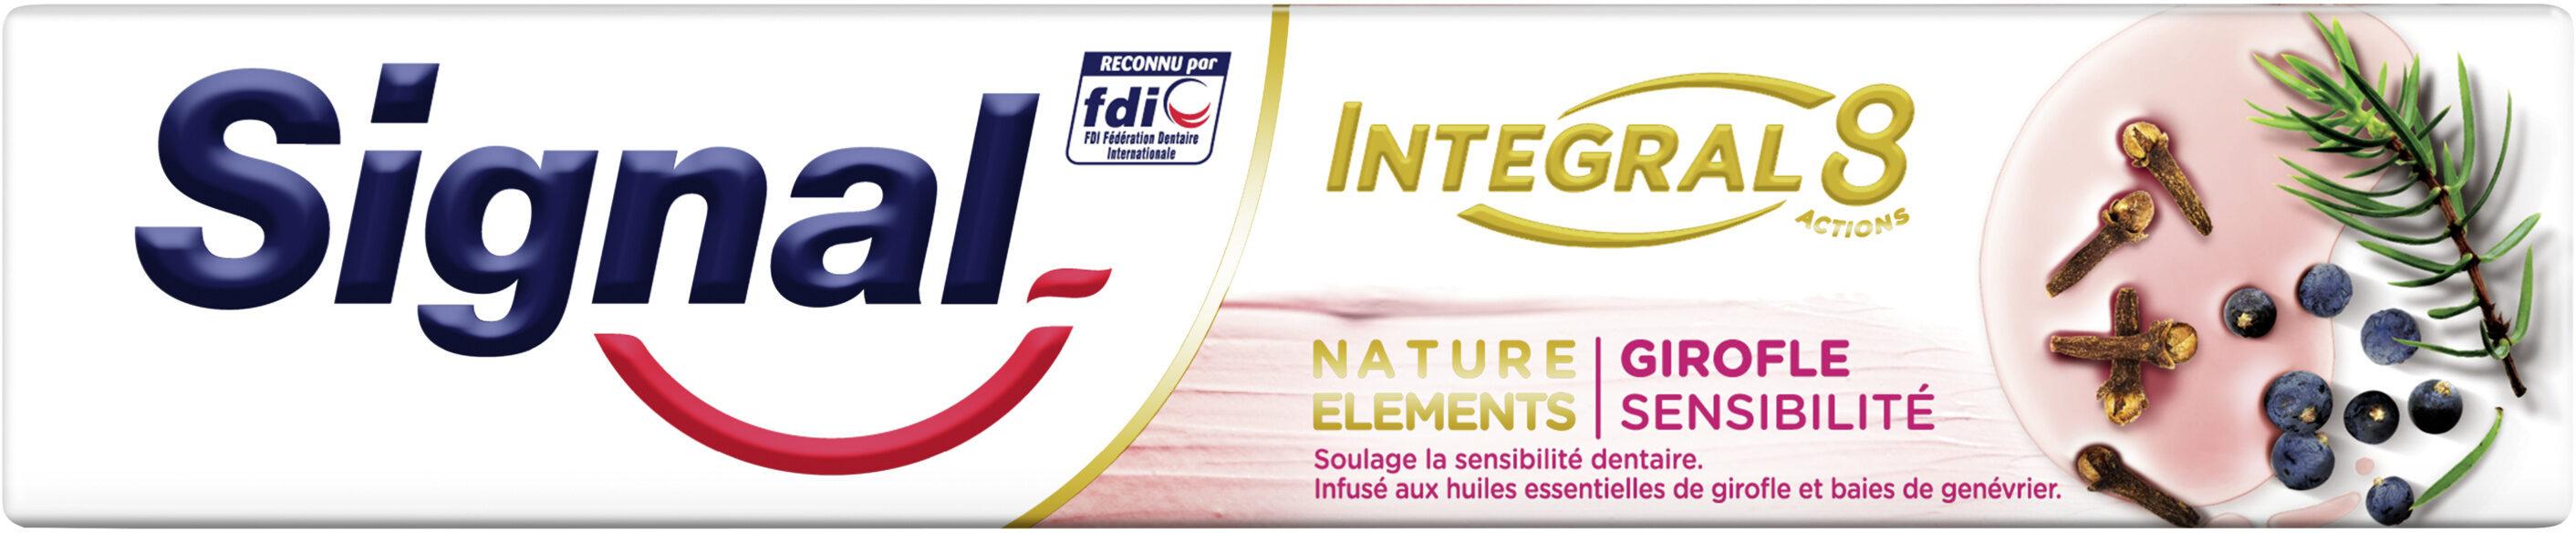 Signal Integral 8 Dentifrice Nature Elements Girofle Sensibilité - Produit - fr